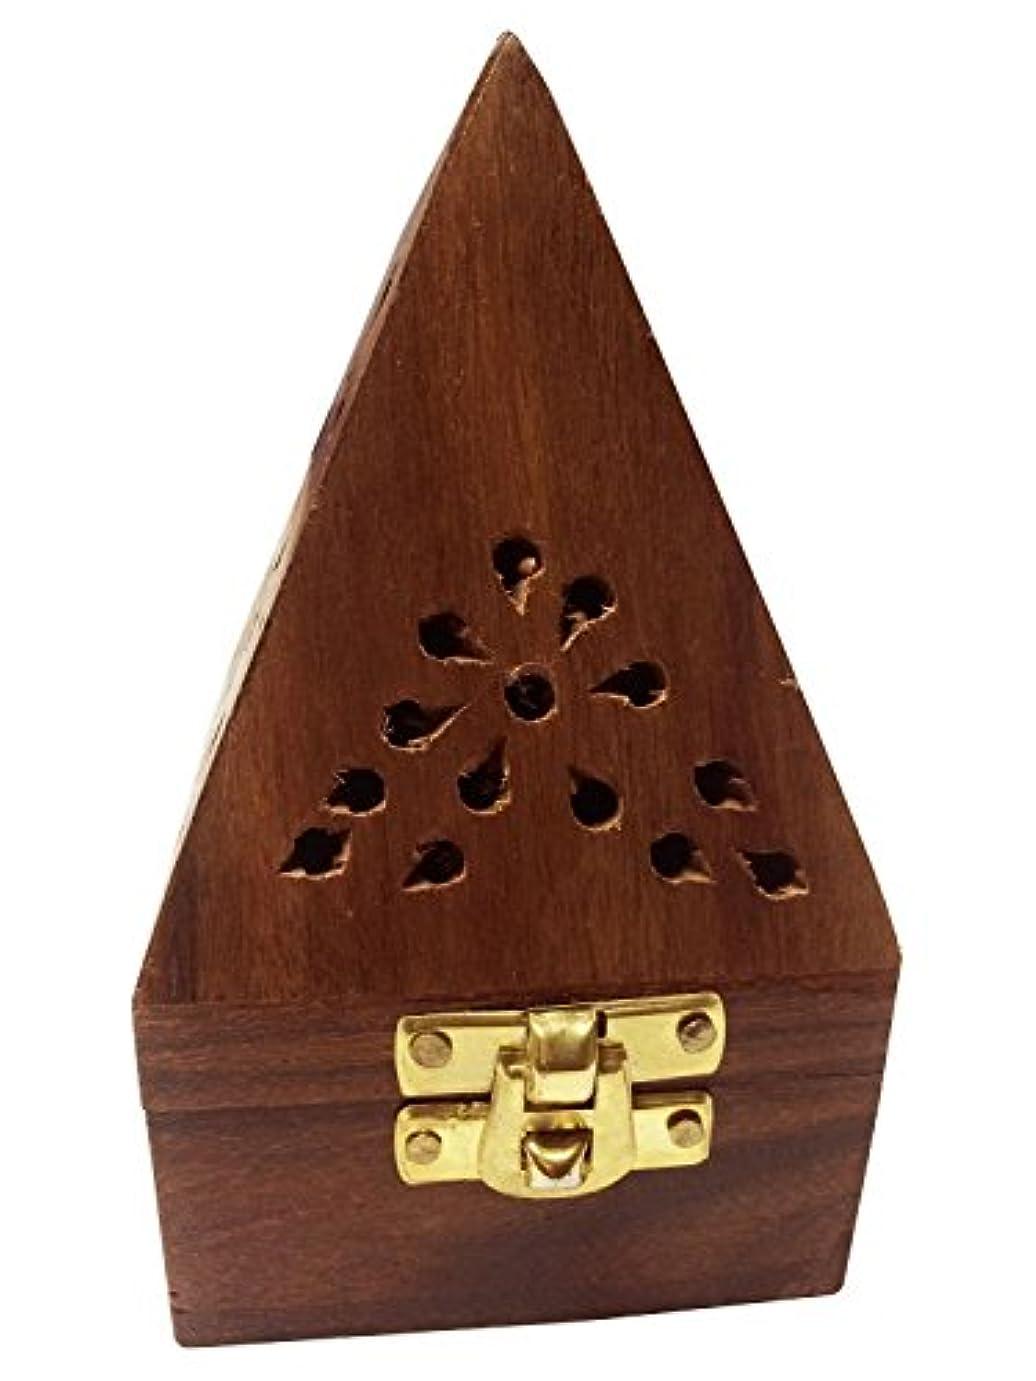 マーカー迷信南東Wooden Classic Pyramid Style Burner (Dhoop Holder) With Base Square and top Cone Shape,Wooden Incense Burner Box